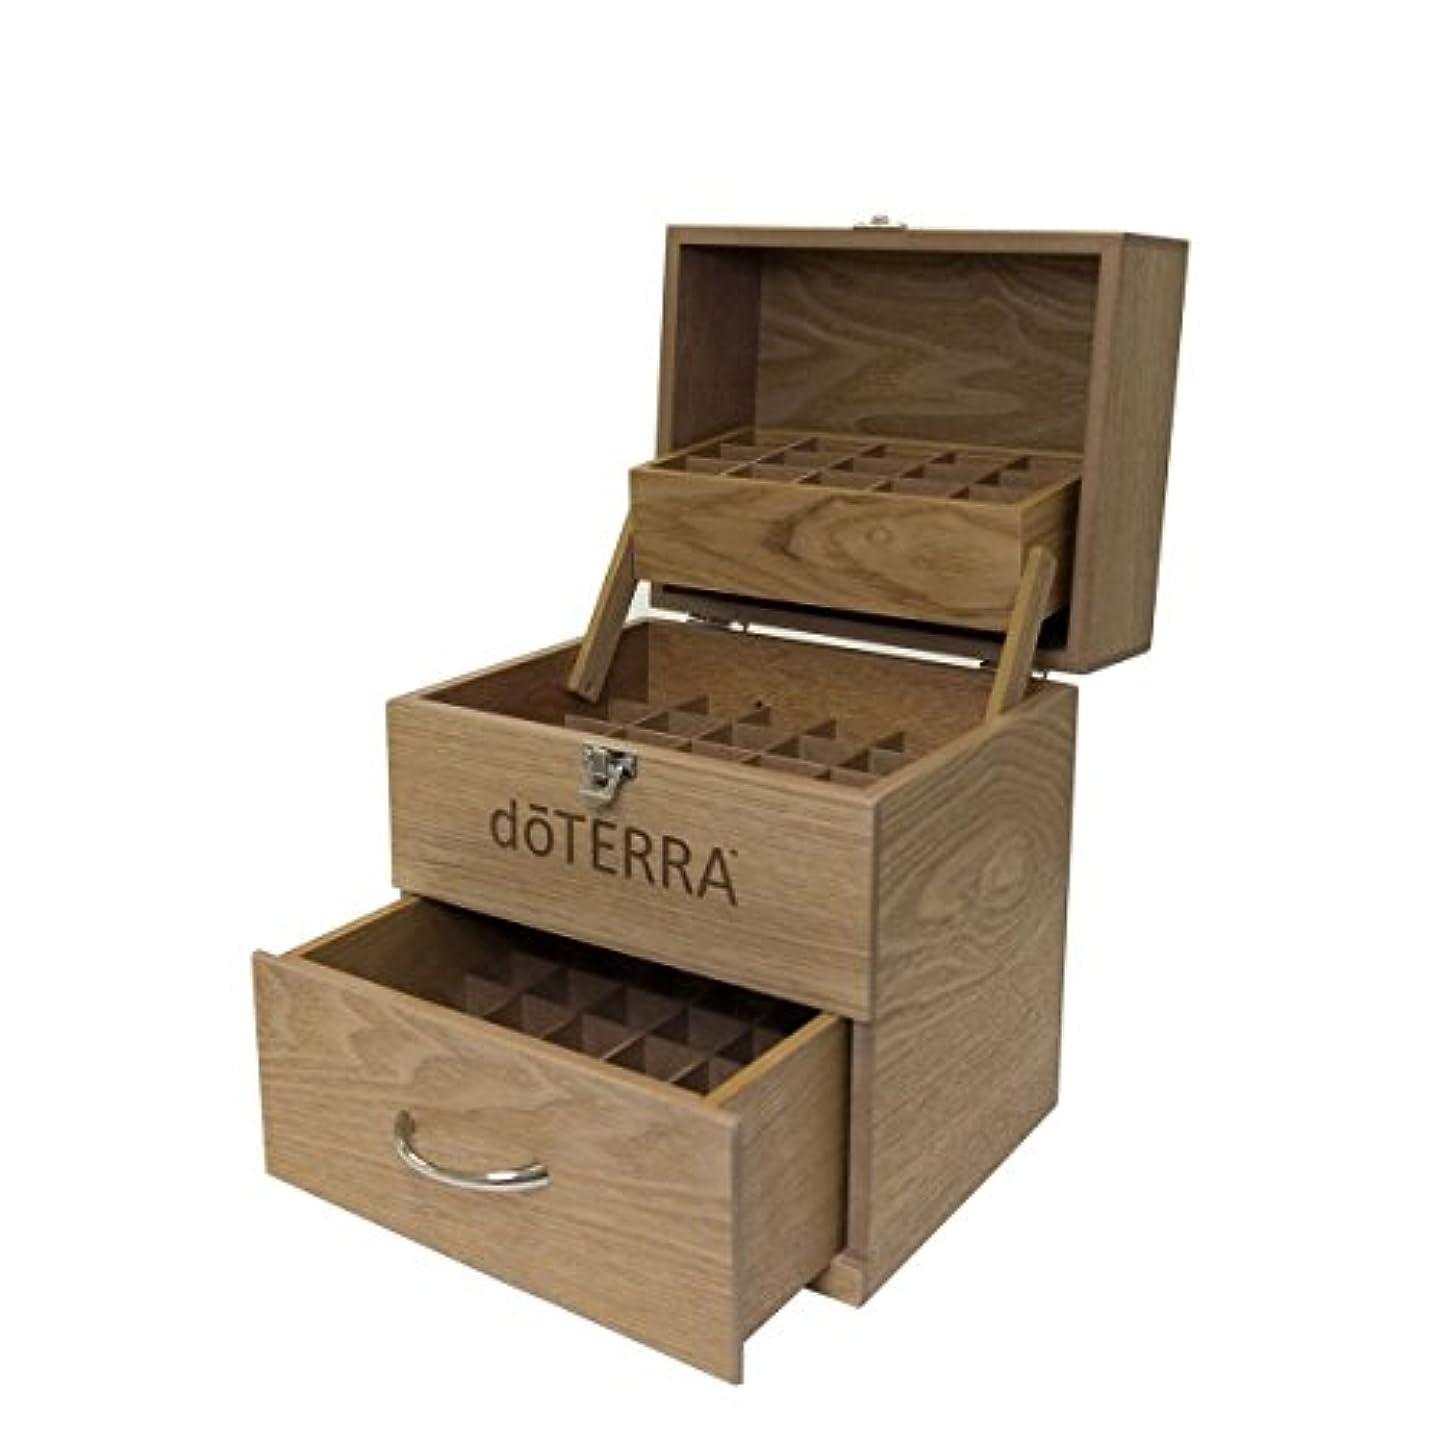 孤独な小説スピーチ(ドテラ) doTERRA ウッドボックス ライトブラウン 窓付き 木箱 エッセンシャルオイル 精油 整理箱 3段ボックス 75本